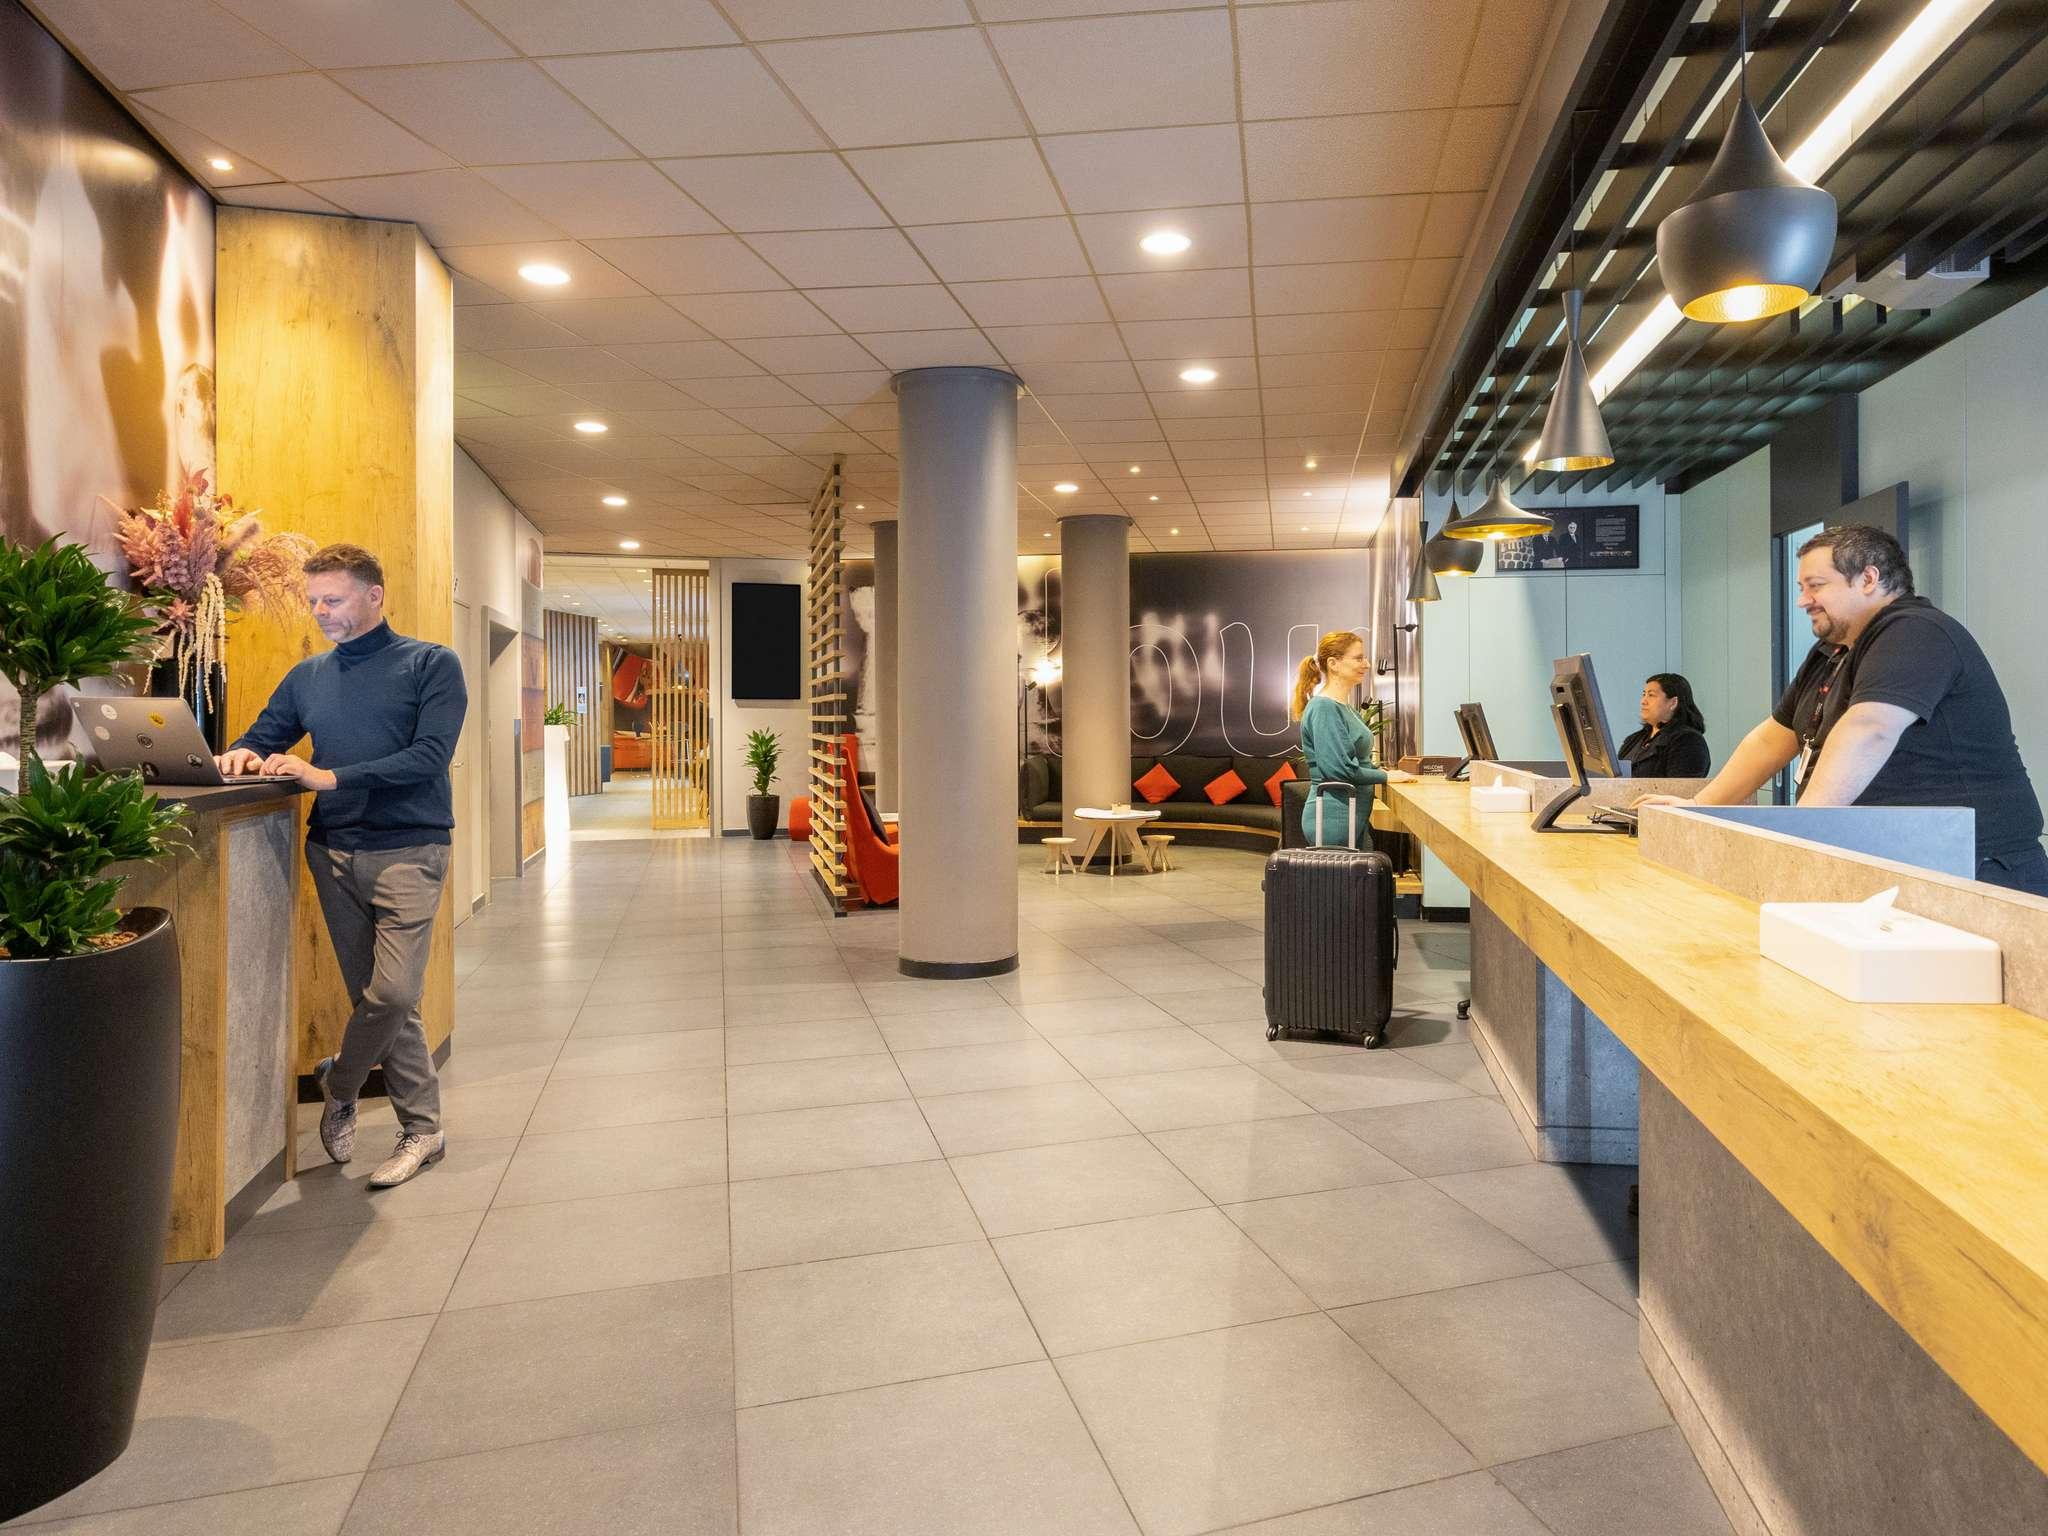 โรงแรม – ไอบิส บรัสเซลส์ ออฟ แกรนด์ เพลซ